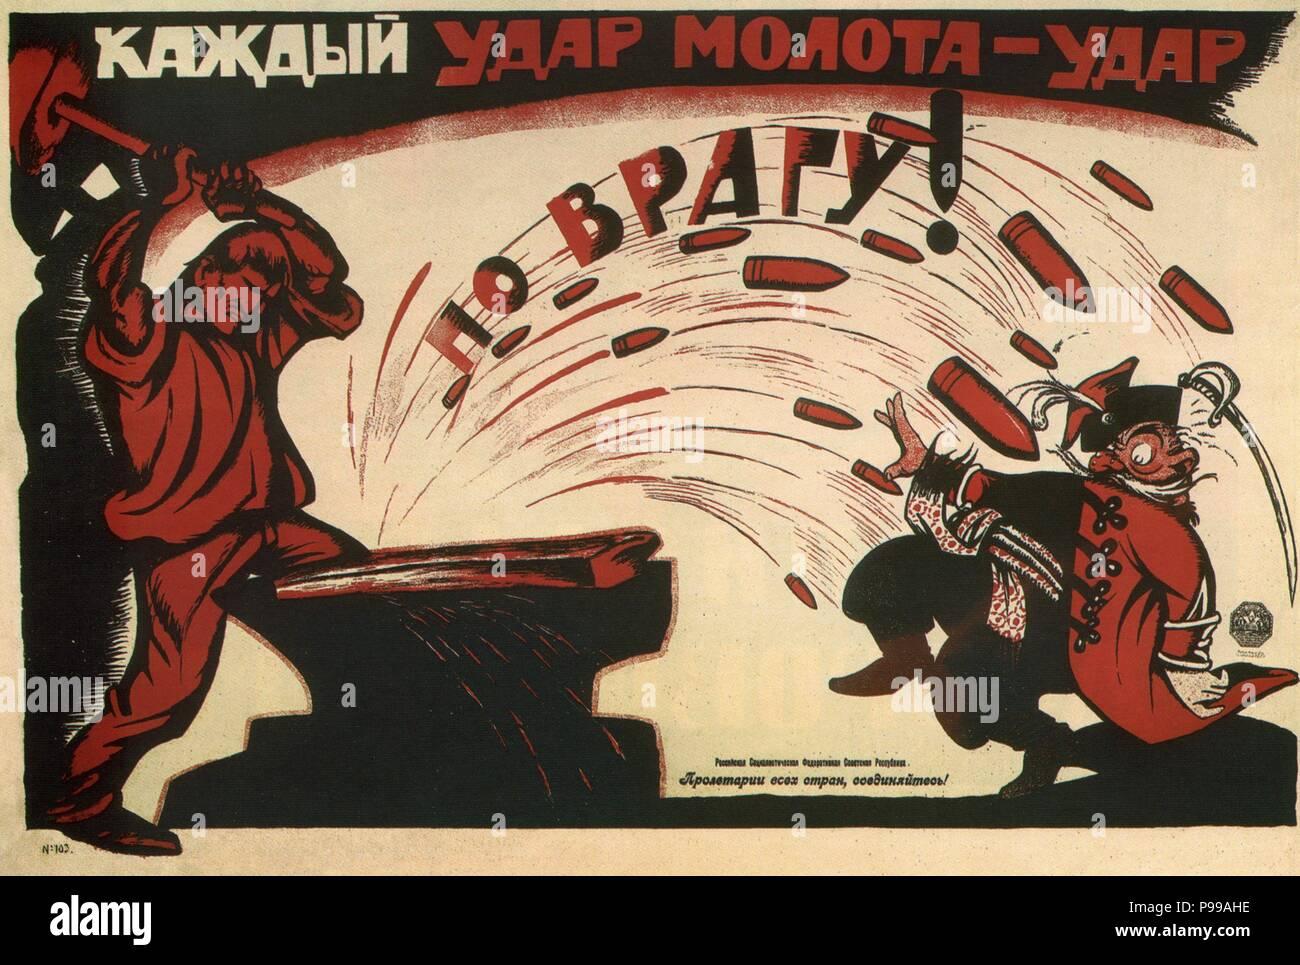 Ogni colpo di martello è un colpo al nemico! (Poster). Museo: Russo Biblioteca Statale di Mosca. Immagini Stock